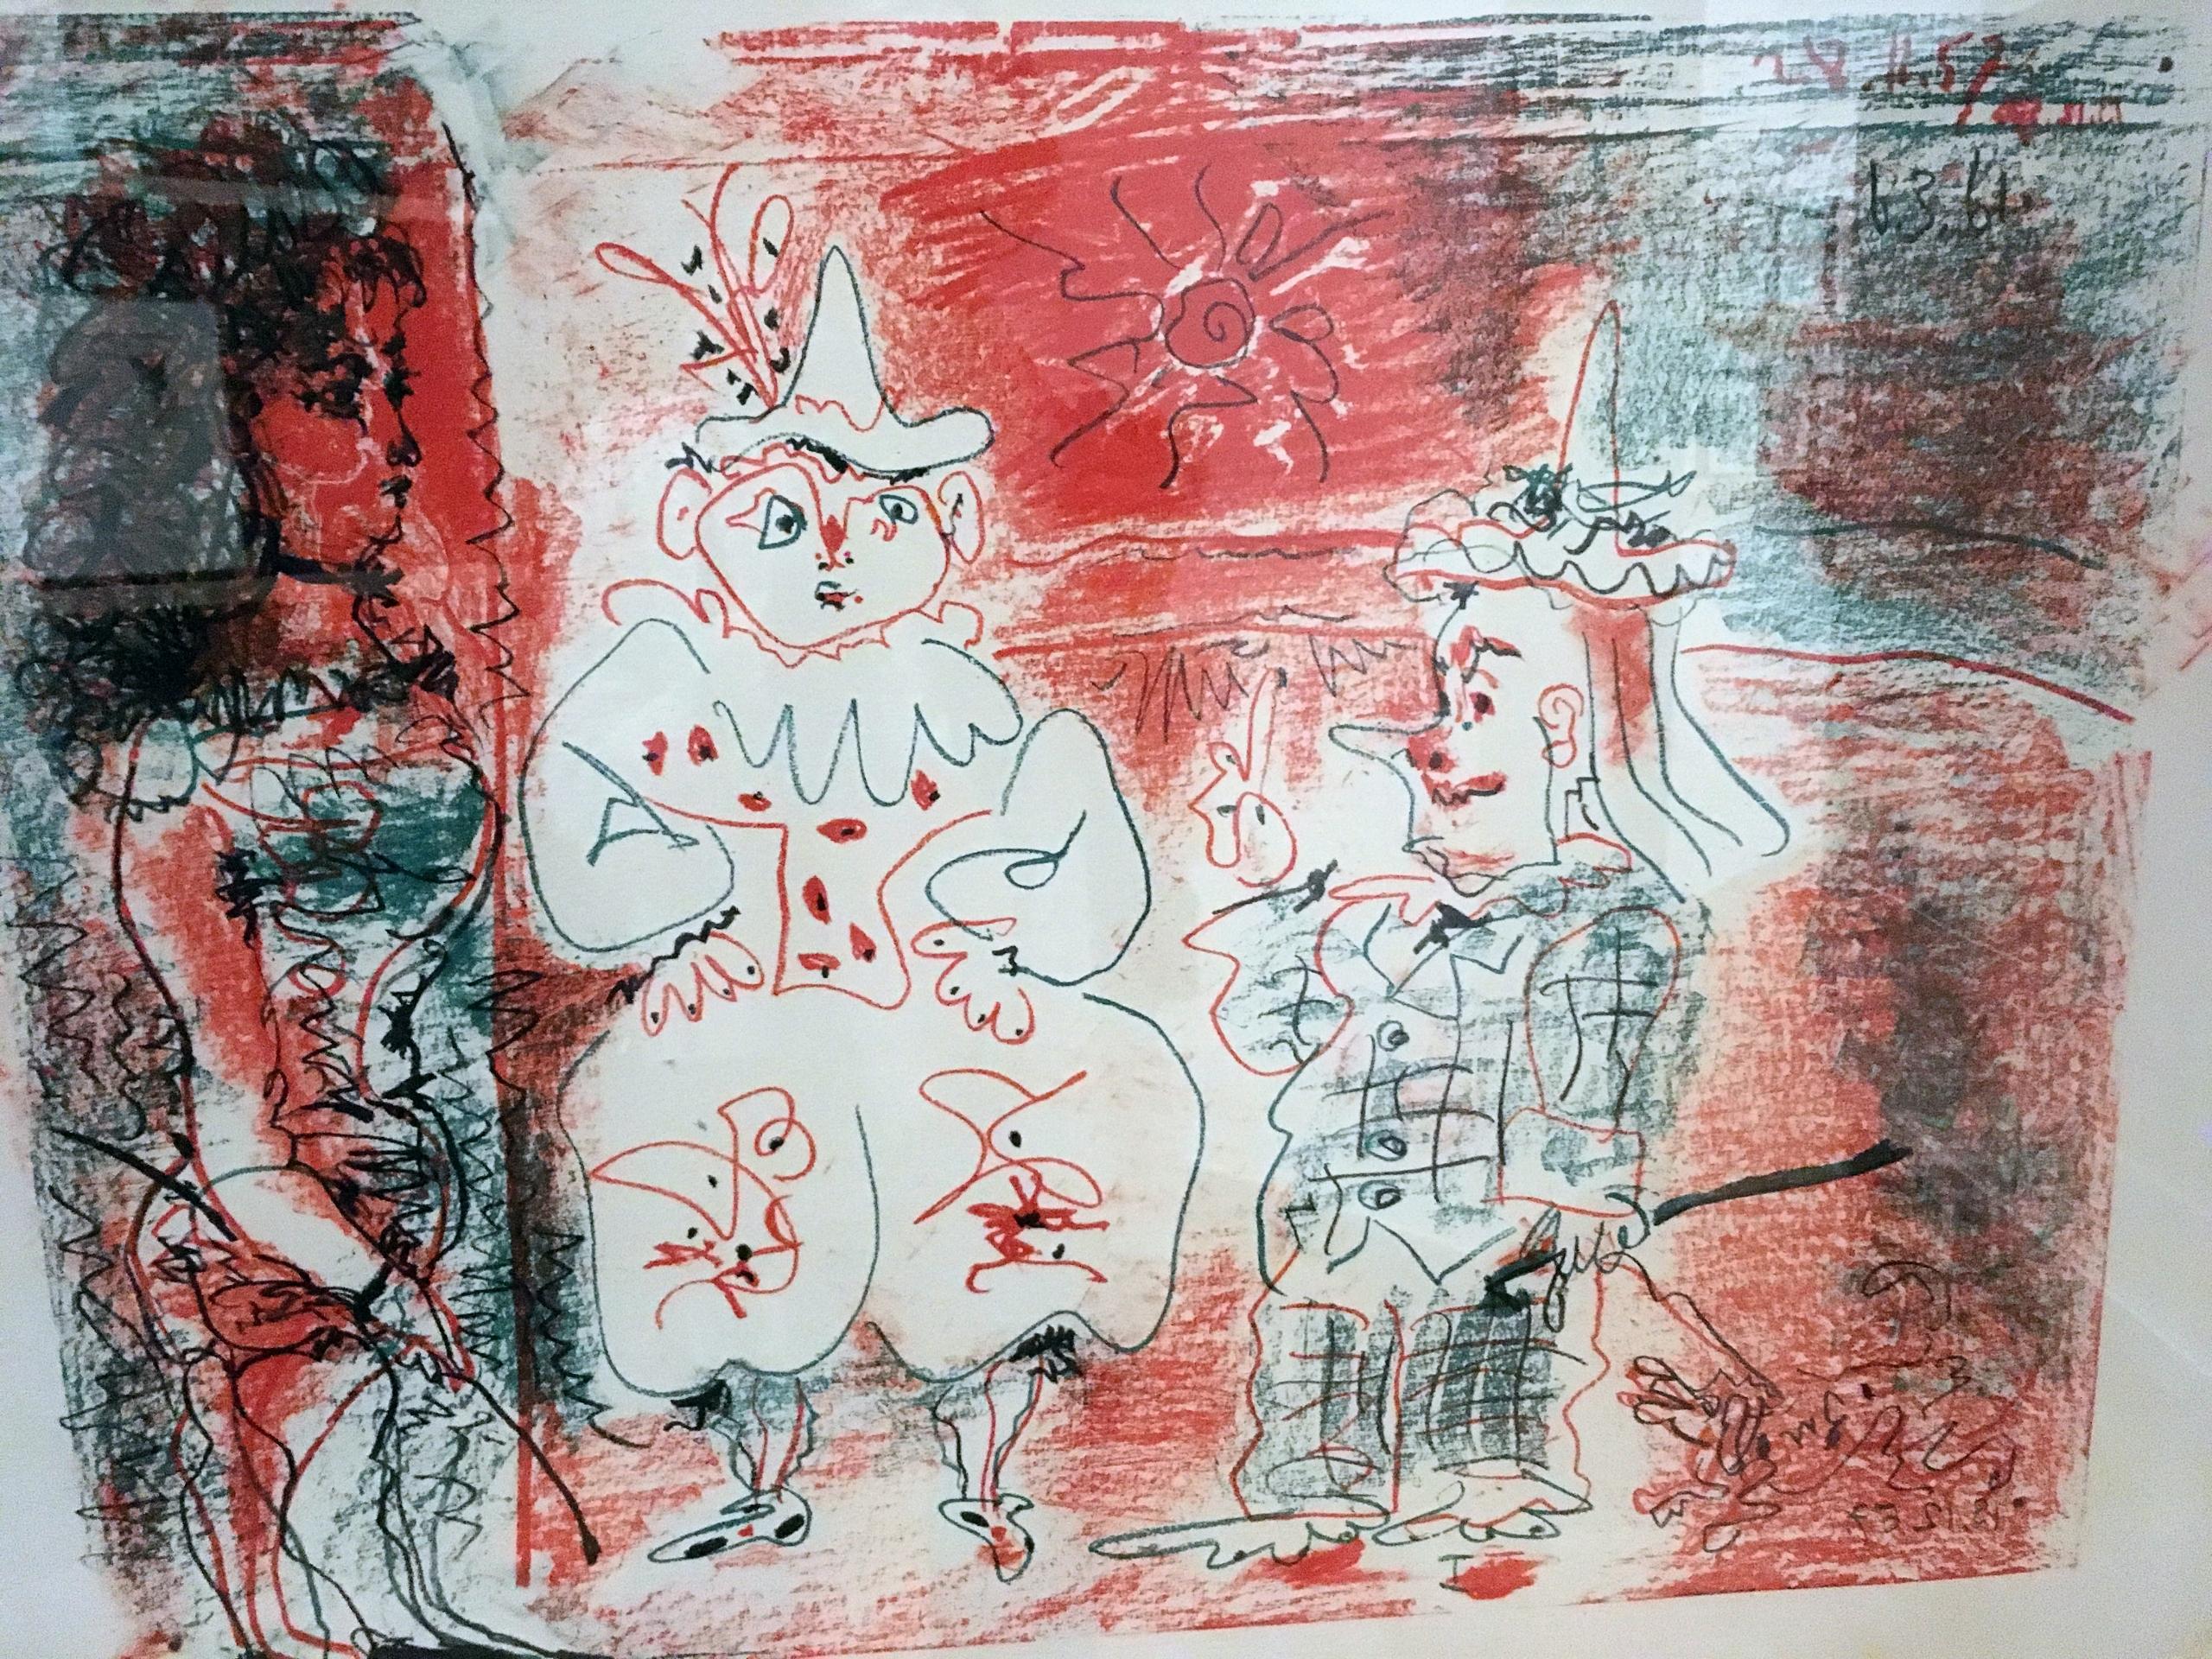 Zdjęcie przedstawia pracę znanego artysty Pabla Picassa. Praca wykonana jest w graficznej technice, widzimy postaci i ekspresyjny czerwony kolor.